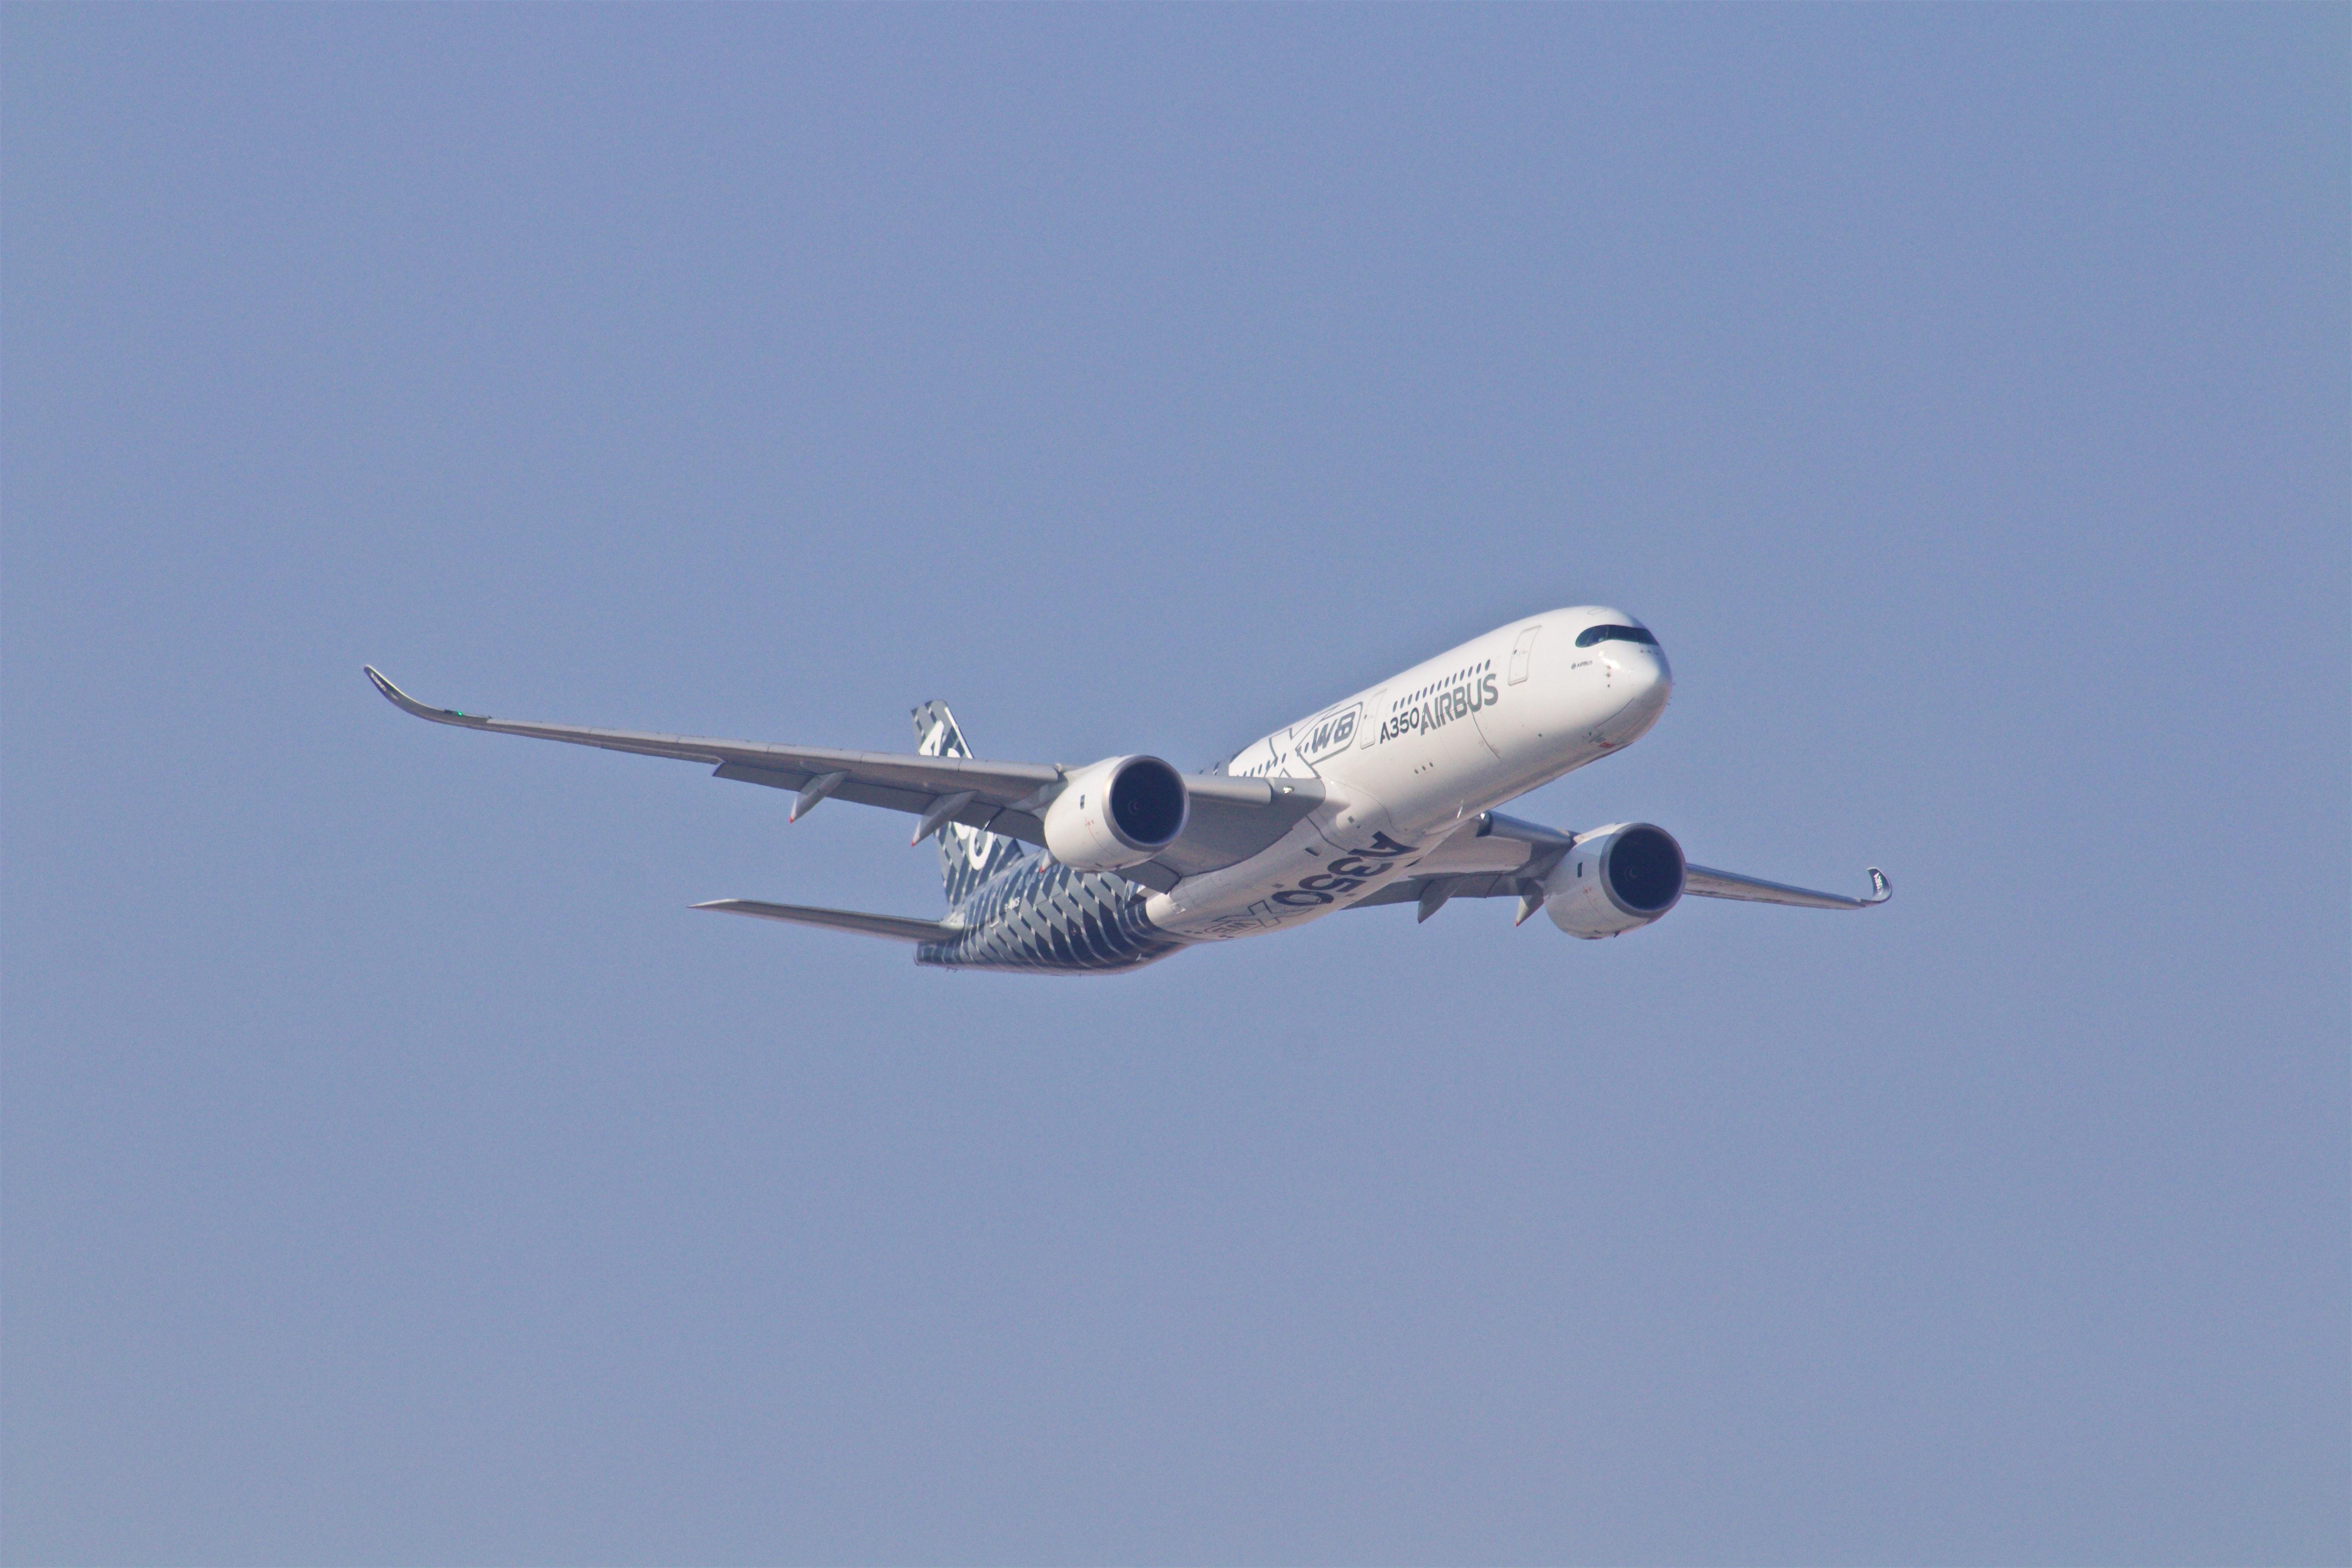 【夢占い】飛行機事故の夢は何のサイン?飛行機事故の夢の意味を解説